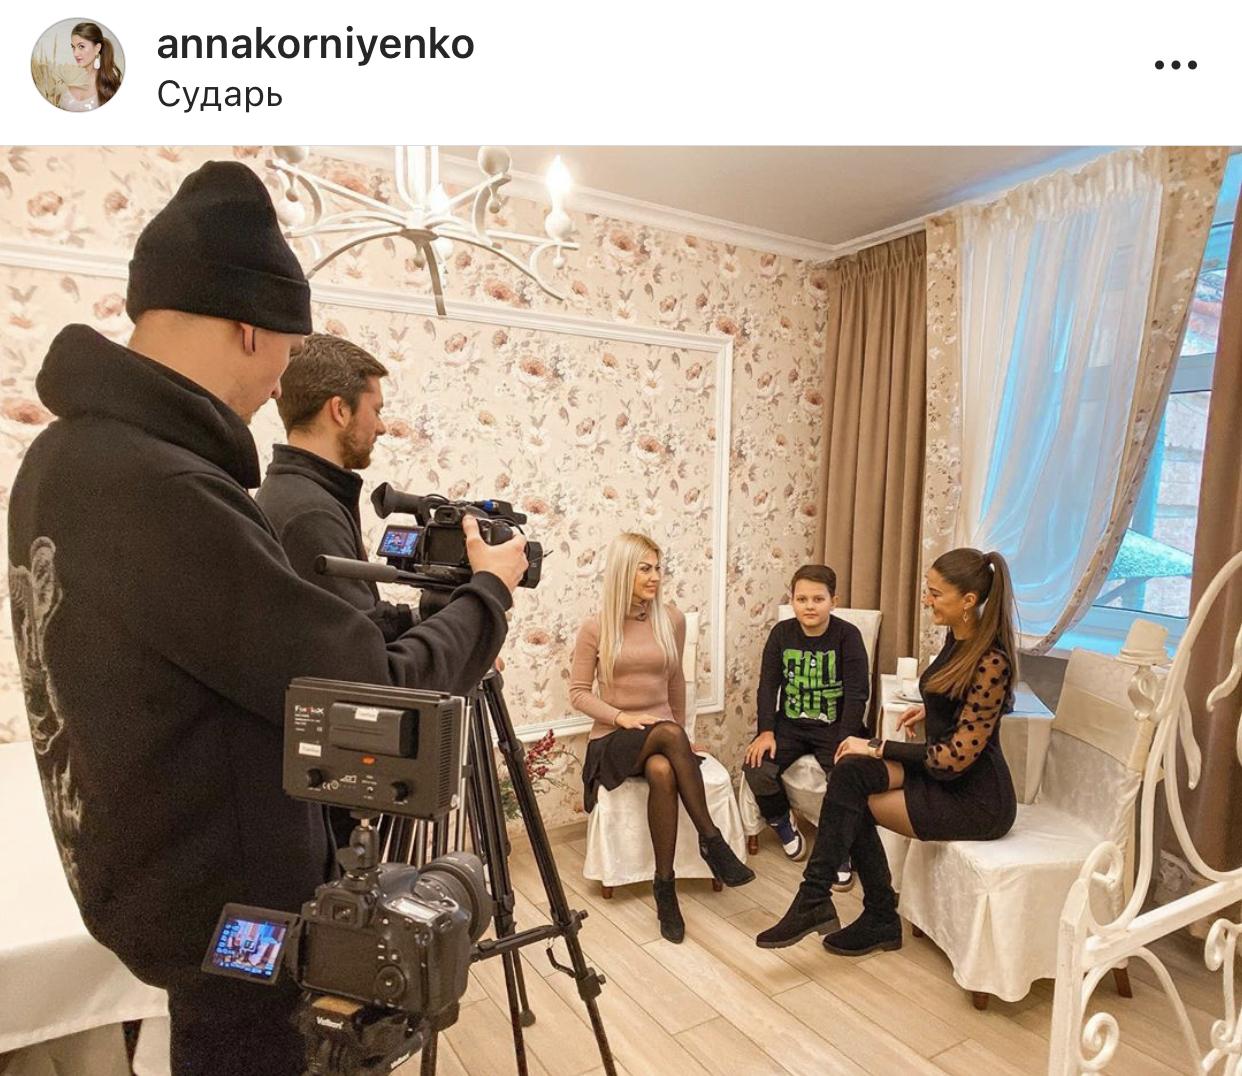 Анна Корнієнко використовує свою публічність, щоб допомагати іншим